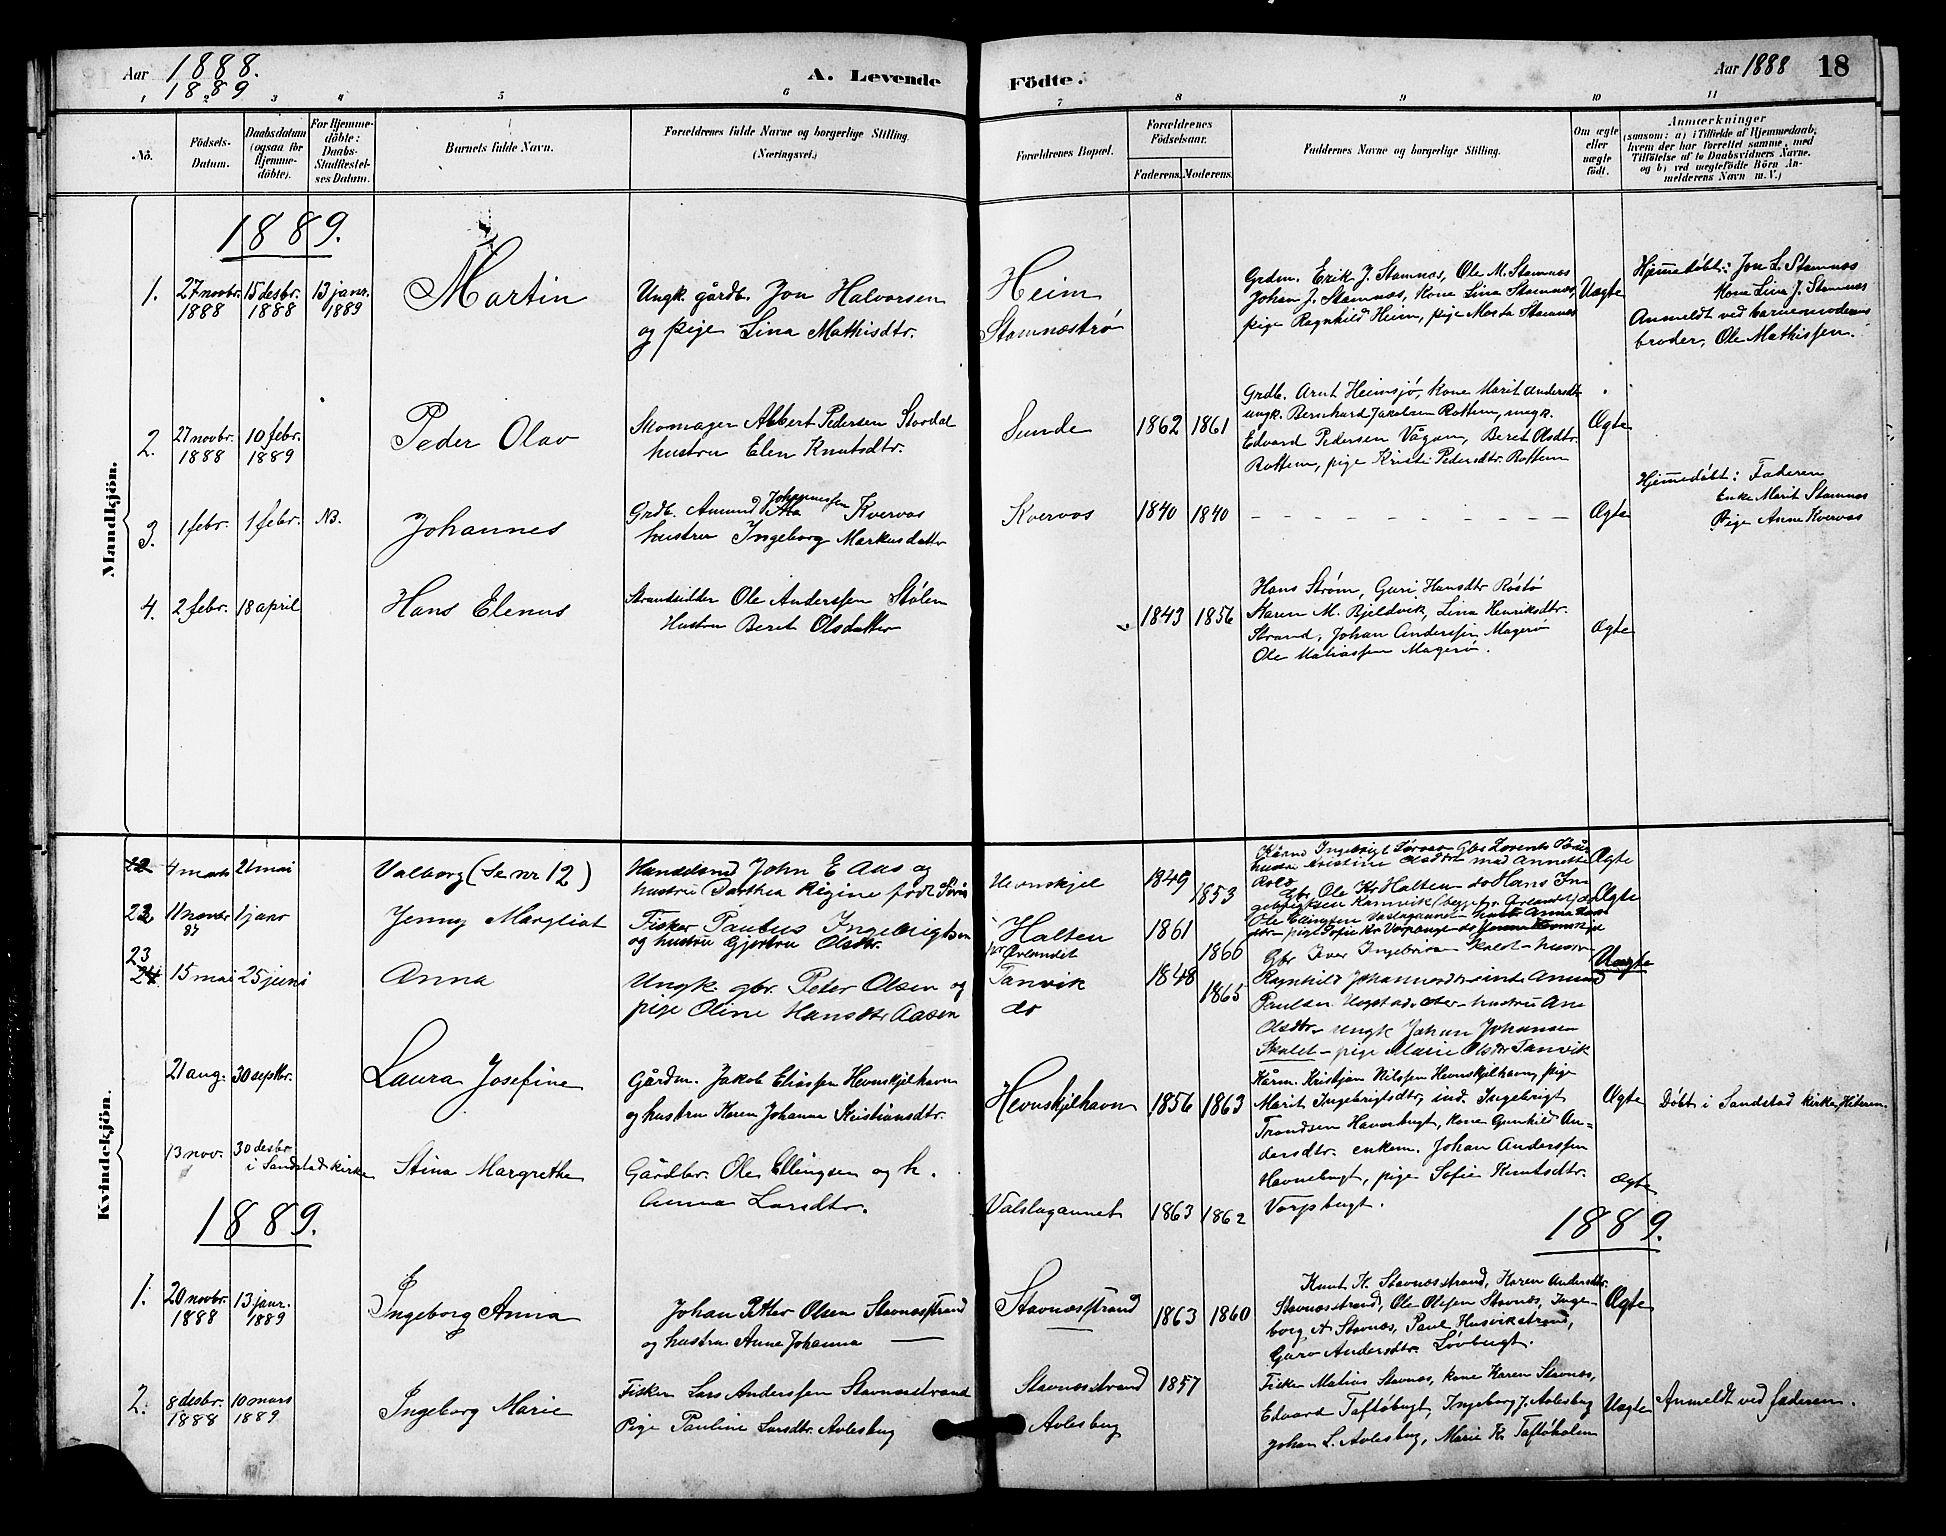 SAT, Ministerialprotokoller, klokkerbøker og fødselsregistre - Sør-Trøndelag, 633/L0519: Klokkerbok nr. 633C01, 1884-1905, s. 18